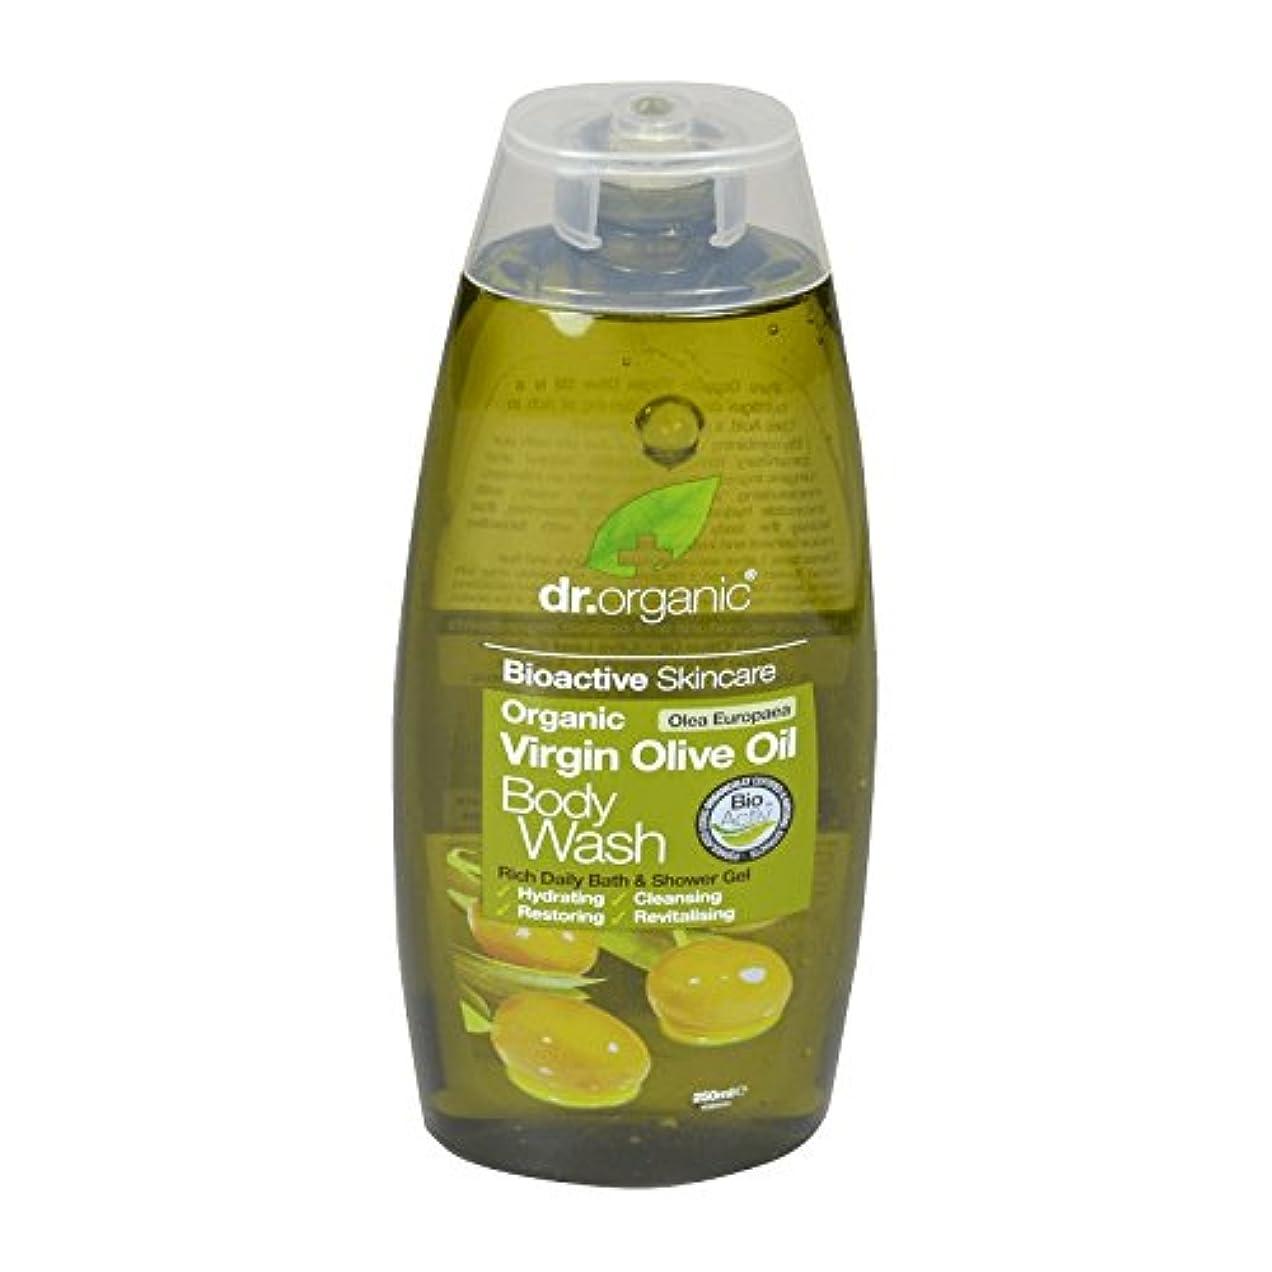 納税者キャベツウォルターカニンガムDr Organic Virgin Olive Oil Body Wash (Pack of 6) - Dr有機バージンオリーブオイルボディウォッシュ (x6) [並行輸入品]